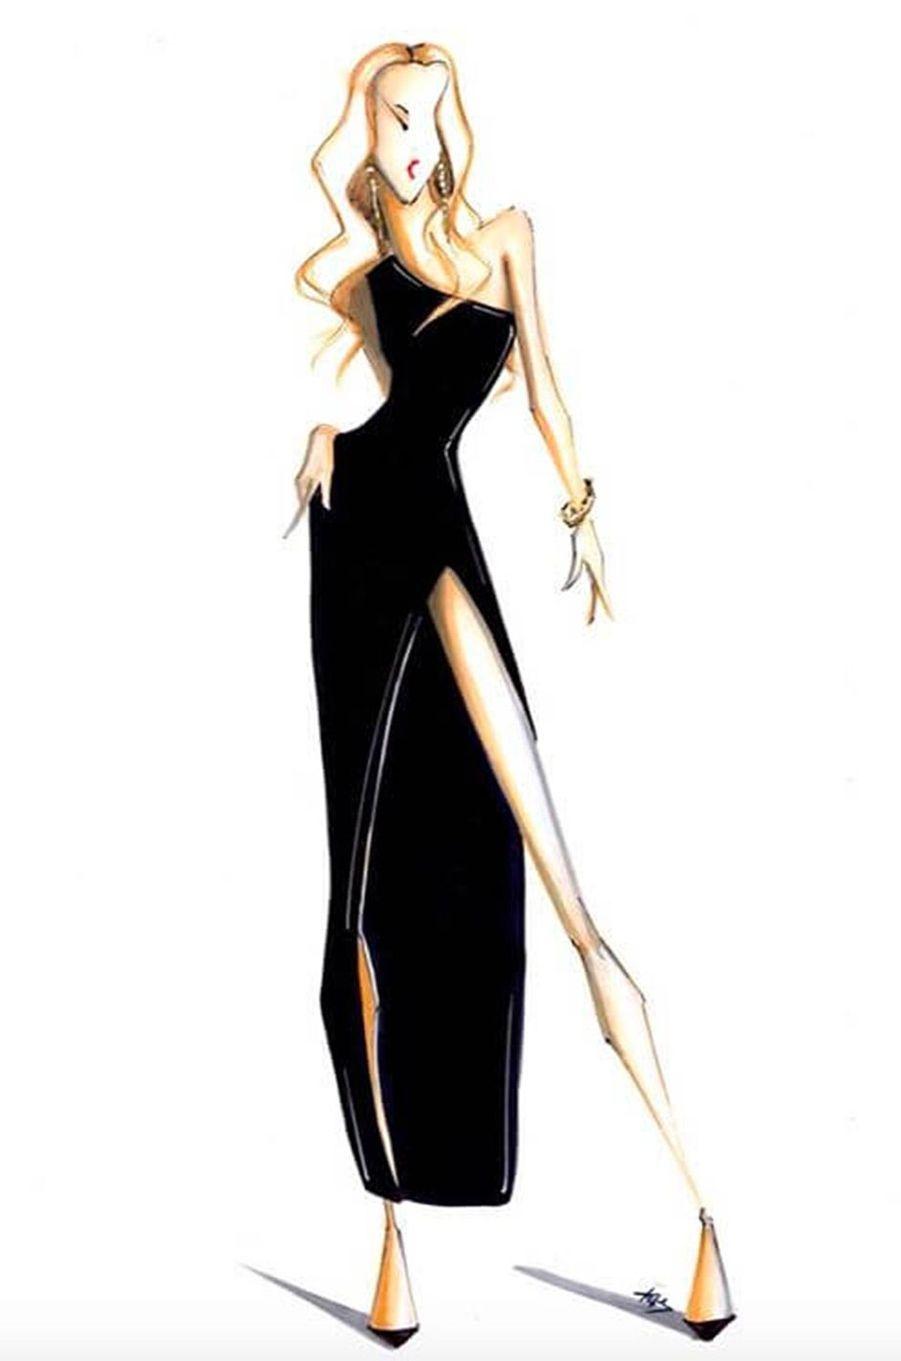 Le dessin de la tenue de Céline Dion par Pepe Munoz